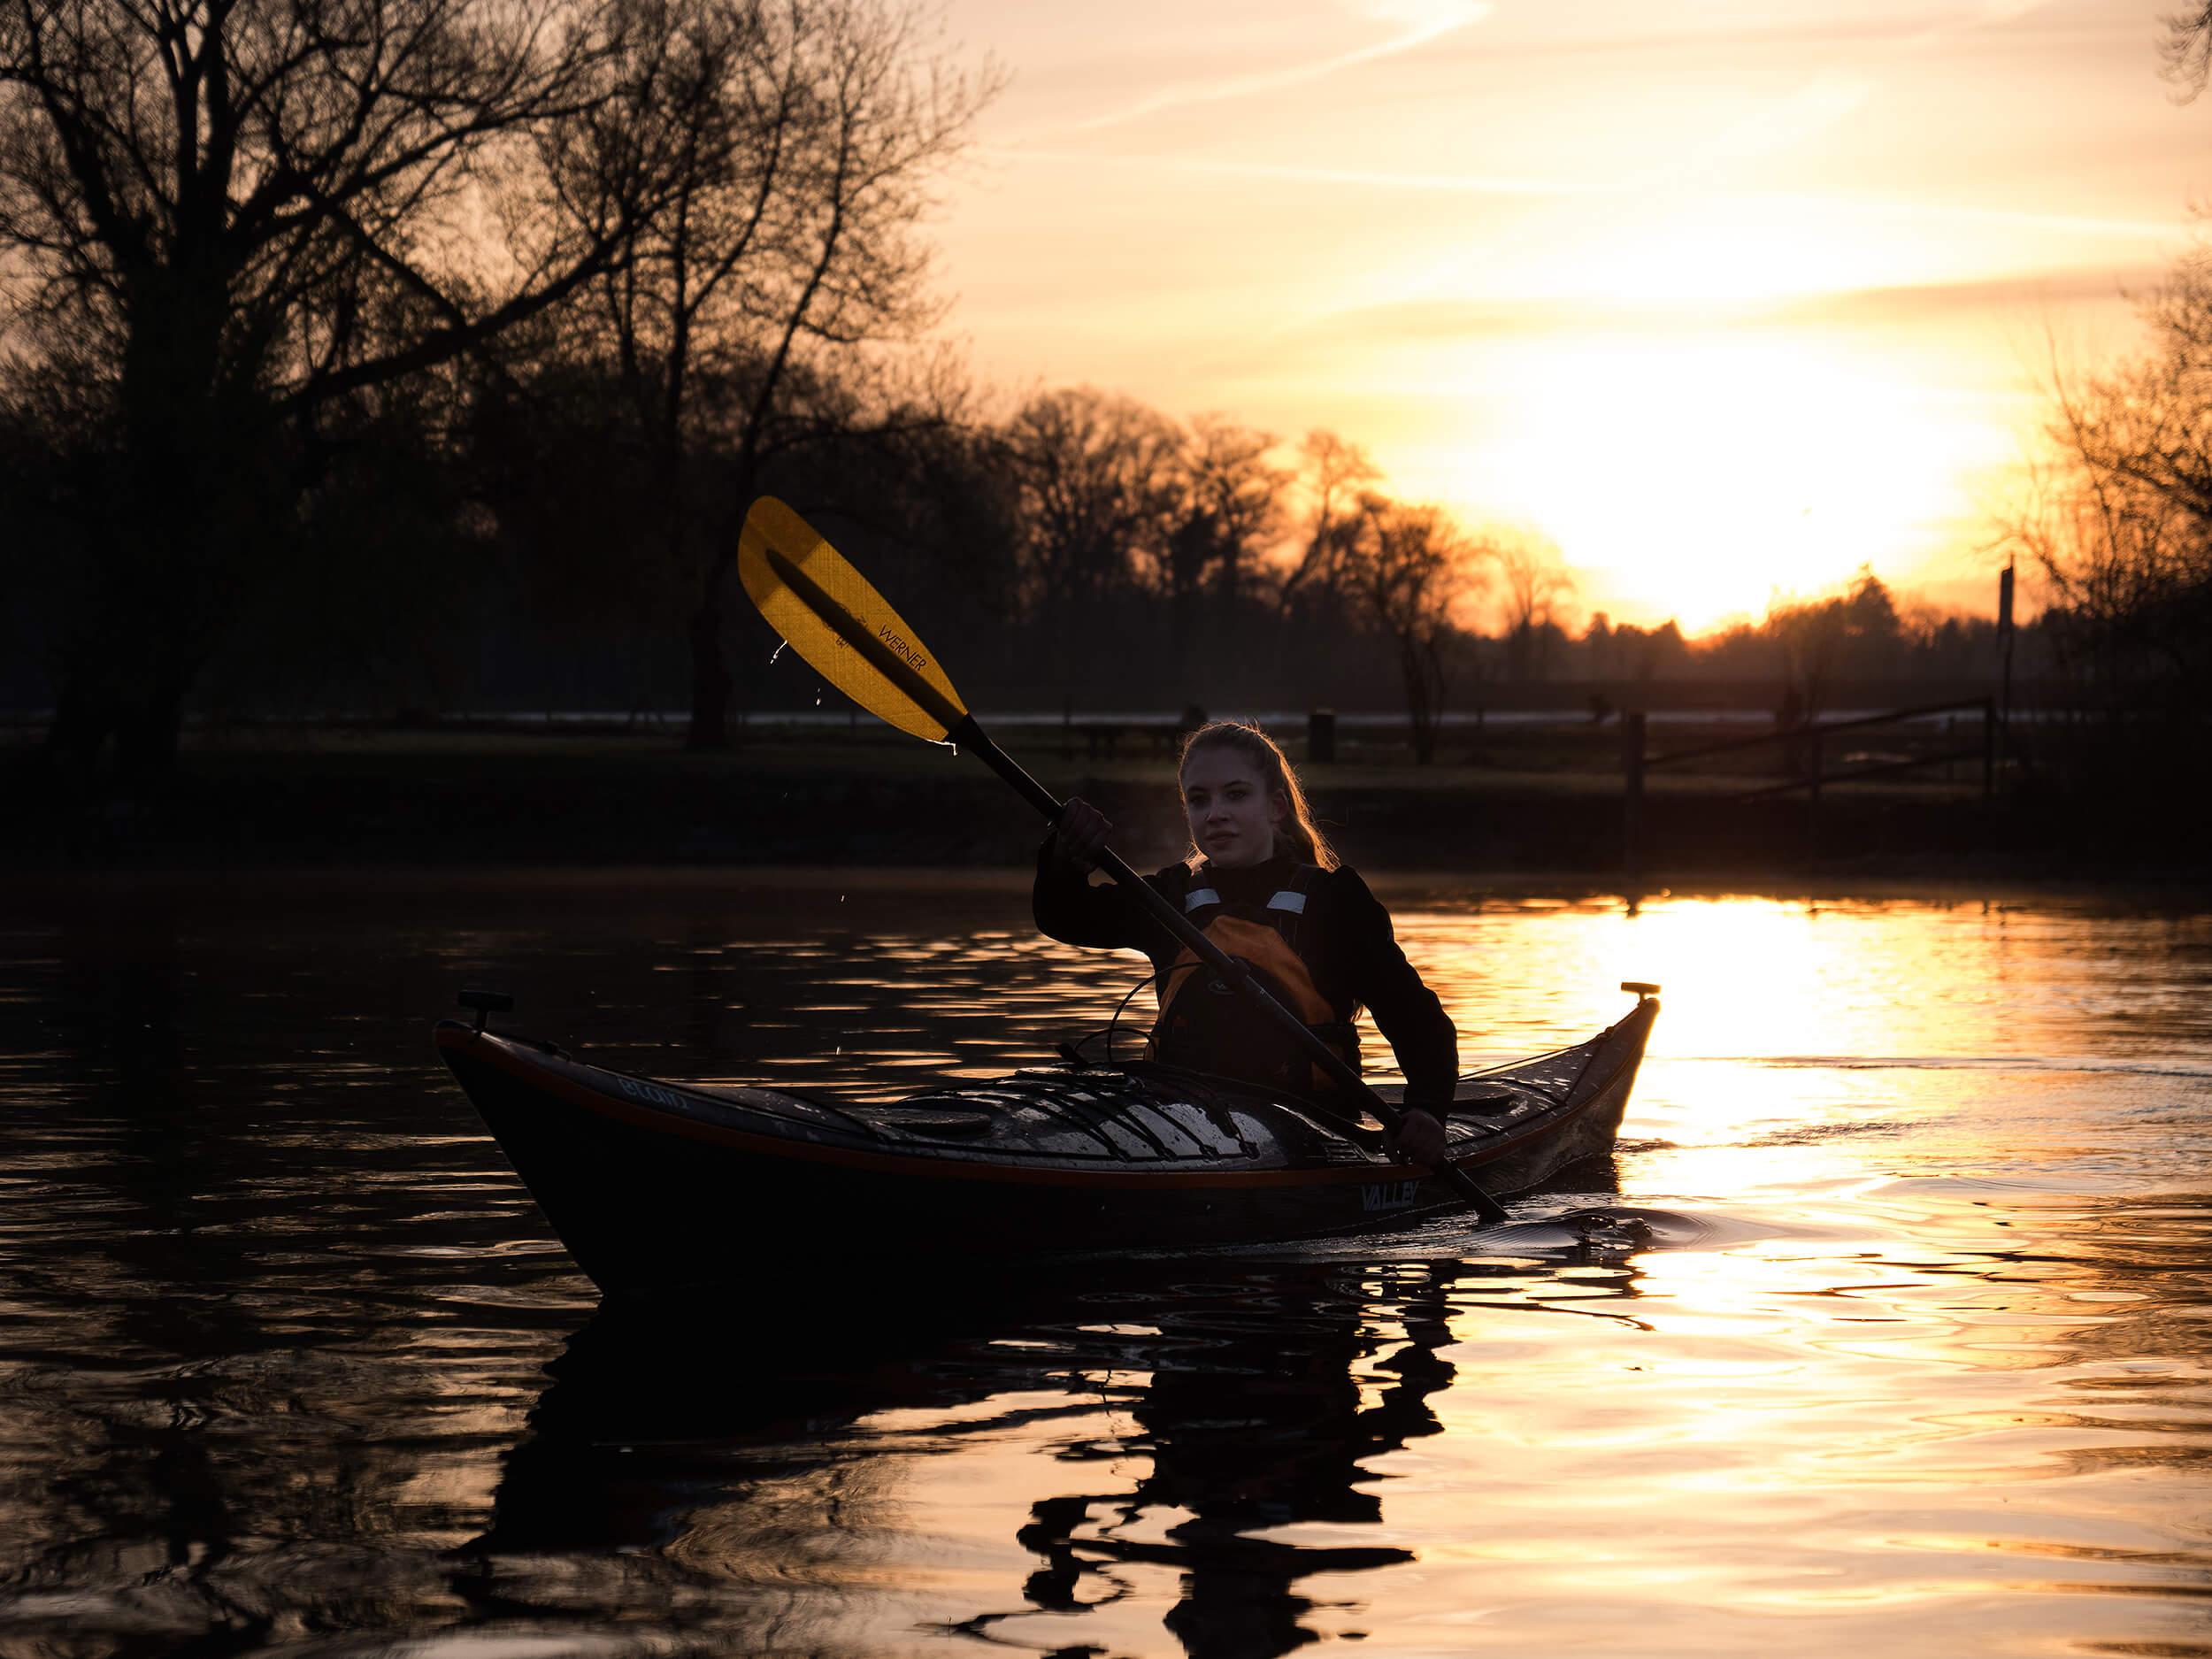 carmen blum im kayak fotografiert von peter schäublin fotograf schaffhausen